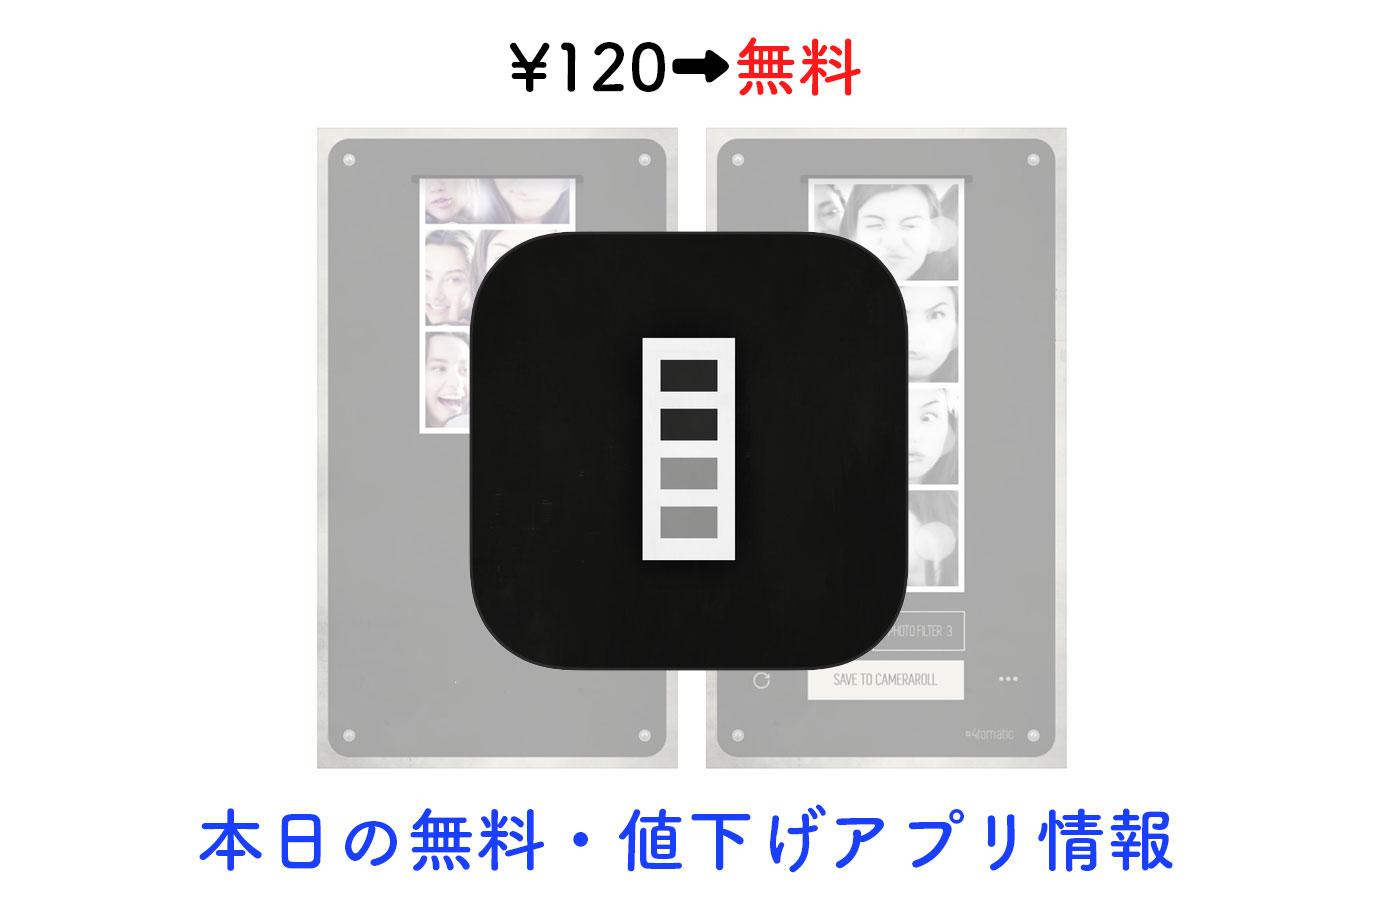 ¥120→無料、4カットの連続した写真を撮影できるアプリ「4tomatic」など【10/1】本日の無料・値下げアプリ情報